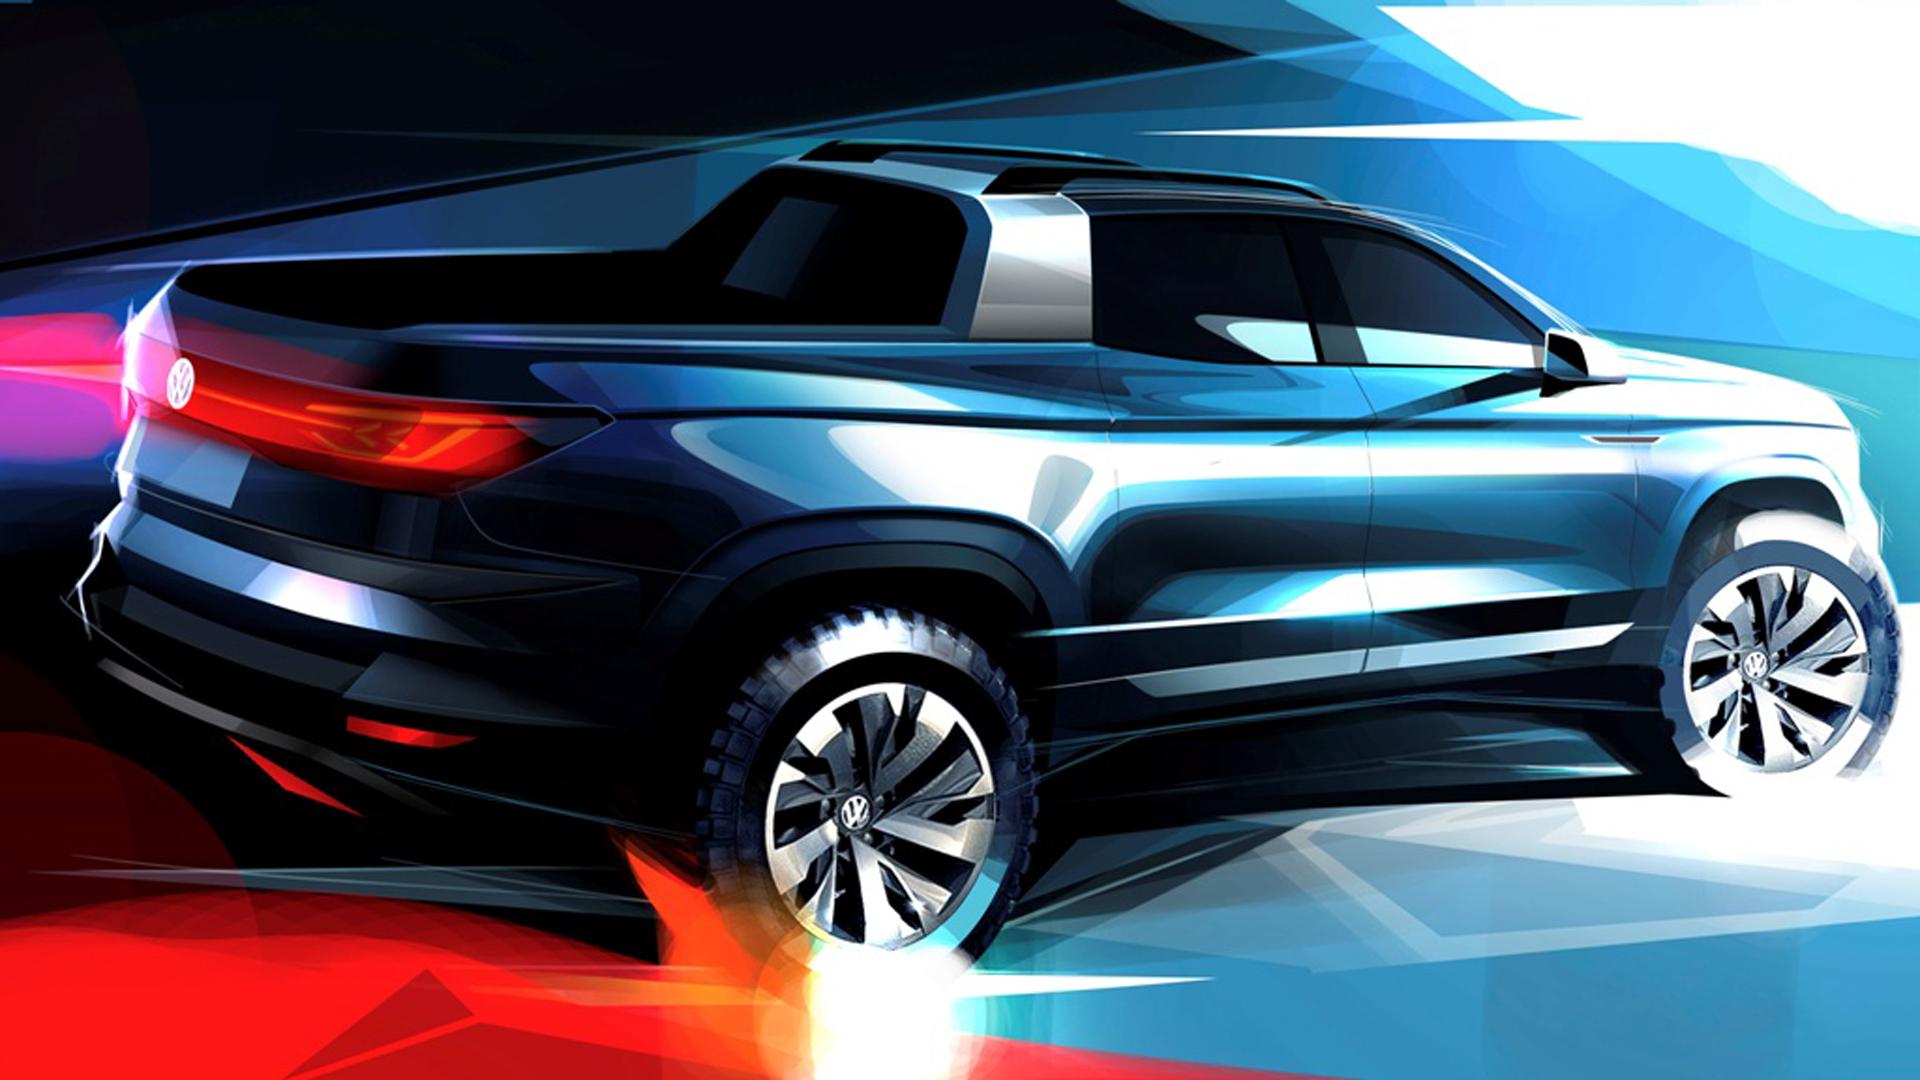 Boceto oficial de cómo será el concept que adelanta la futura pick up intermedia de Volkswagen. Foto: VW.